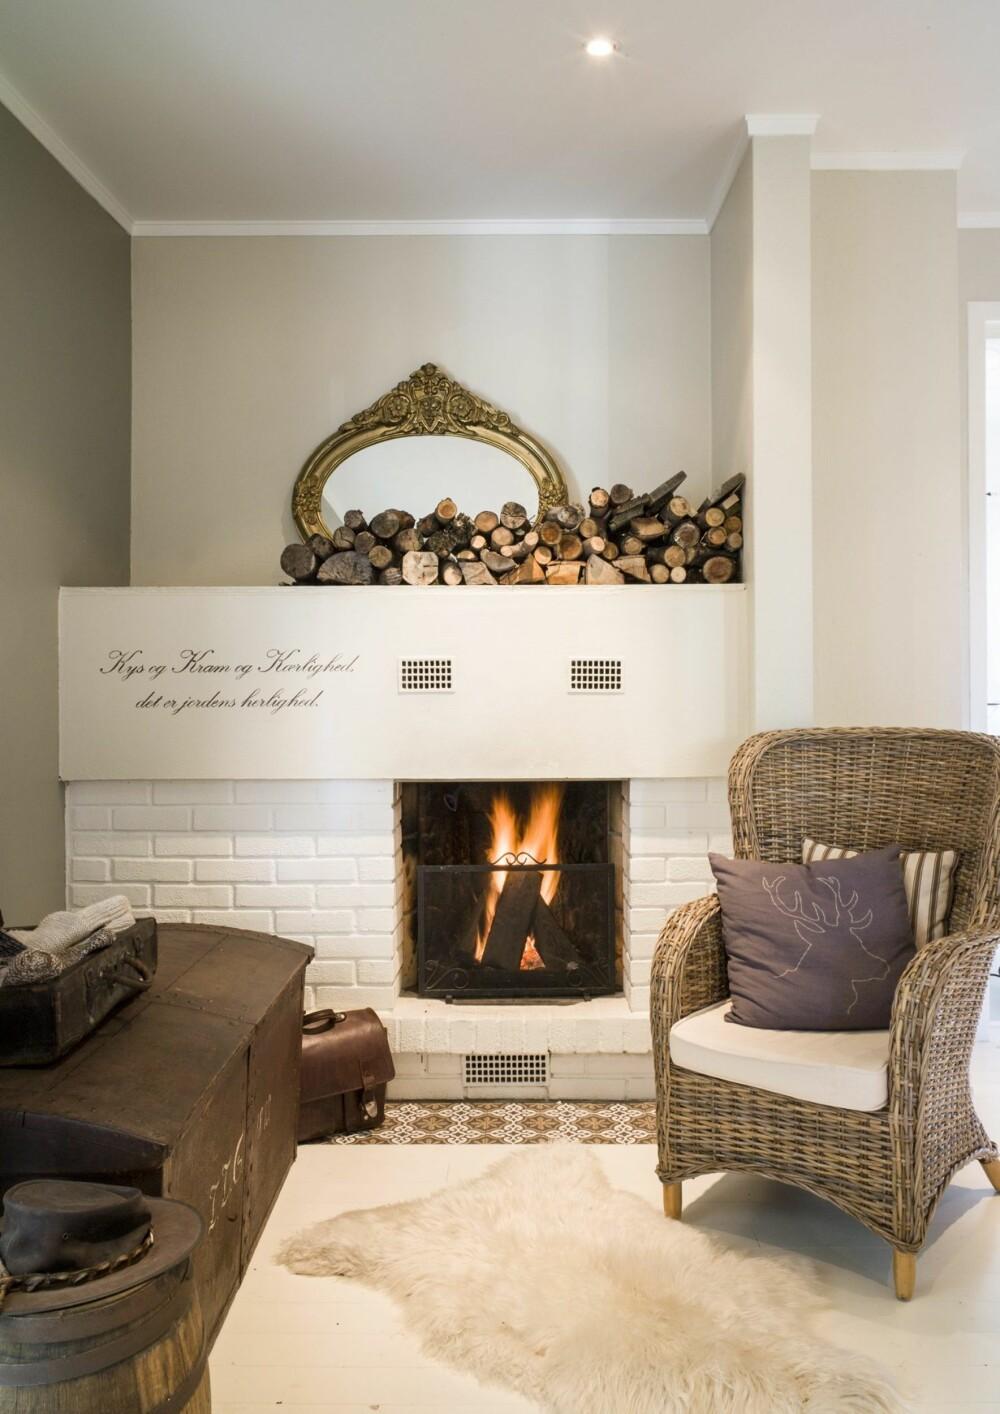 LUN KROK: I den lyse  hallen har paret laget en koselig peis. Saueskinn og kurvstol er med på å skape en lun og god atmosfære i rommet. For å beskytte gulvet foran peisen er det benyttet betongfliser fra Ulfven.